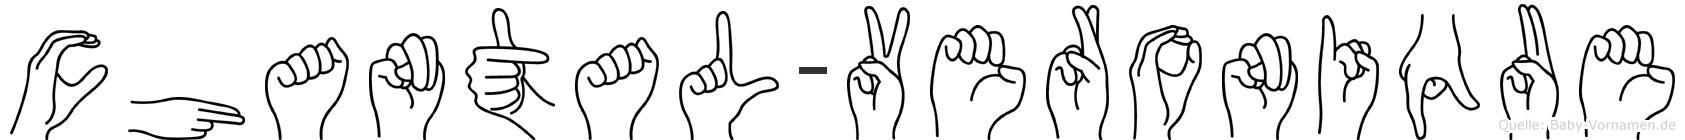 Chantal-Veronique im Fingeralphabet der Deutschen Gebärdensprache